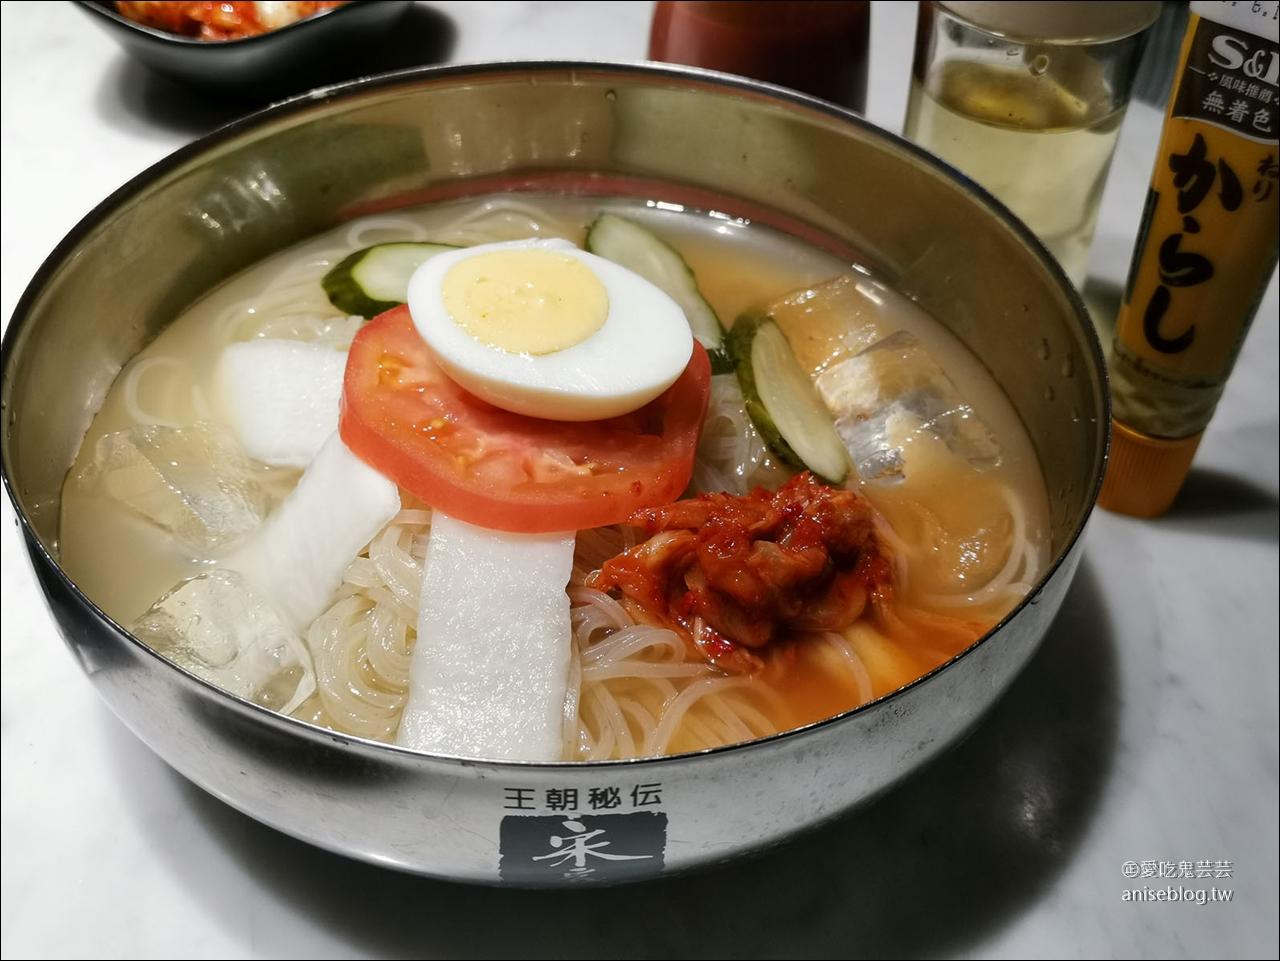 新宿燒肉推薦 | 野武士燒肉 幸永 (ホルモン焼 幸永) (文末中文菜單)